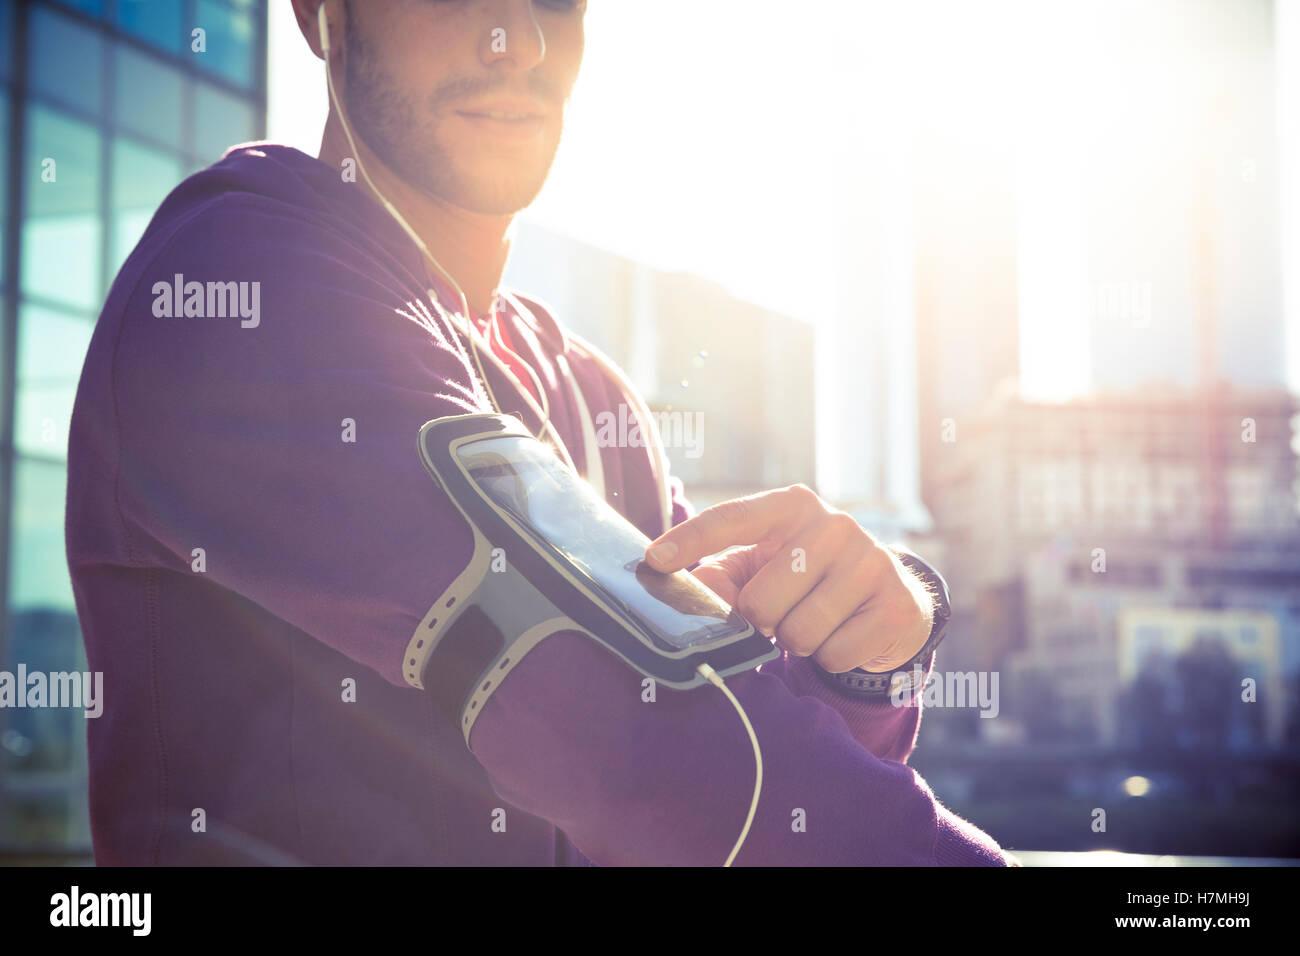 L'exécution de workout man écouter de la musique avec un lecteur mp3 brassard ou smart mobile phone. Photo Stock